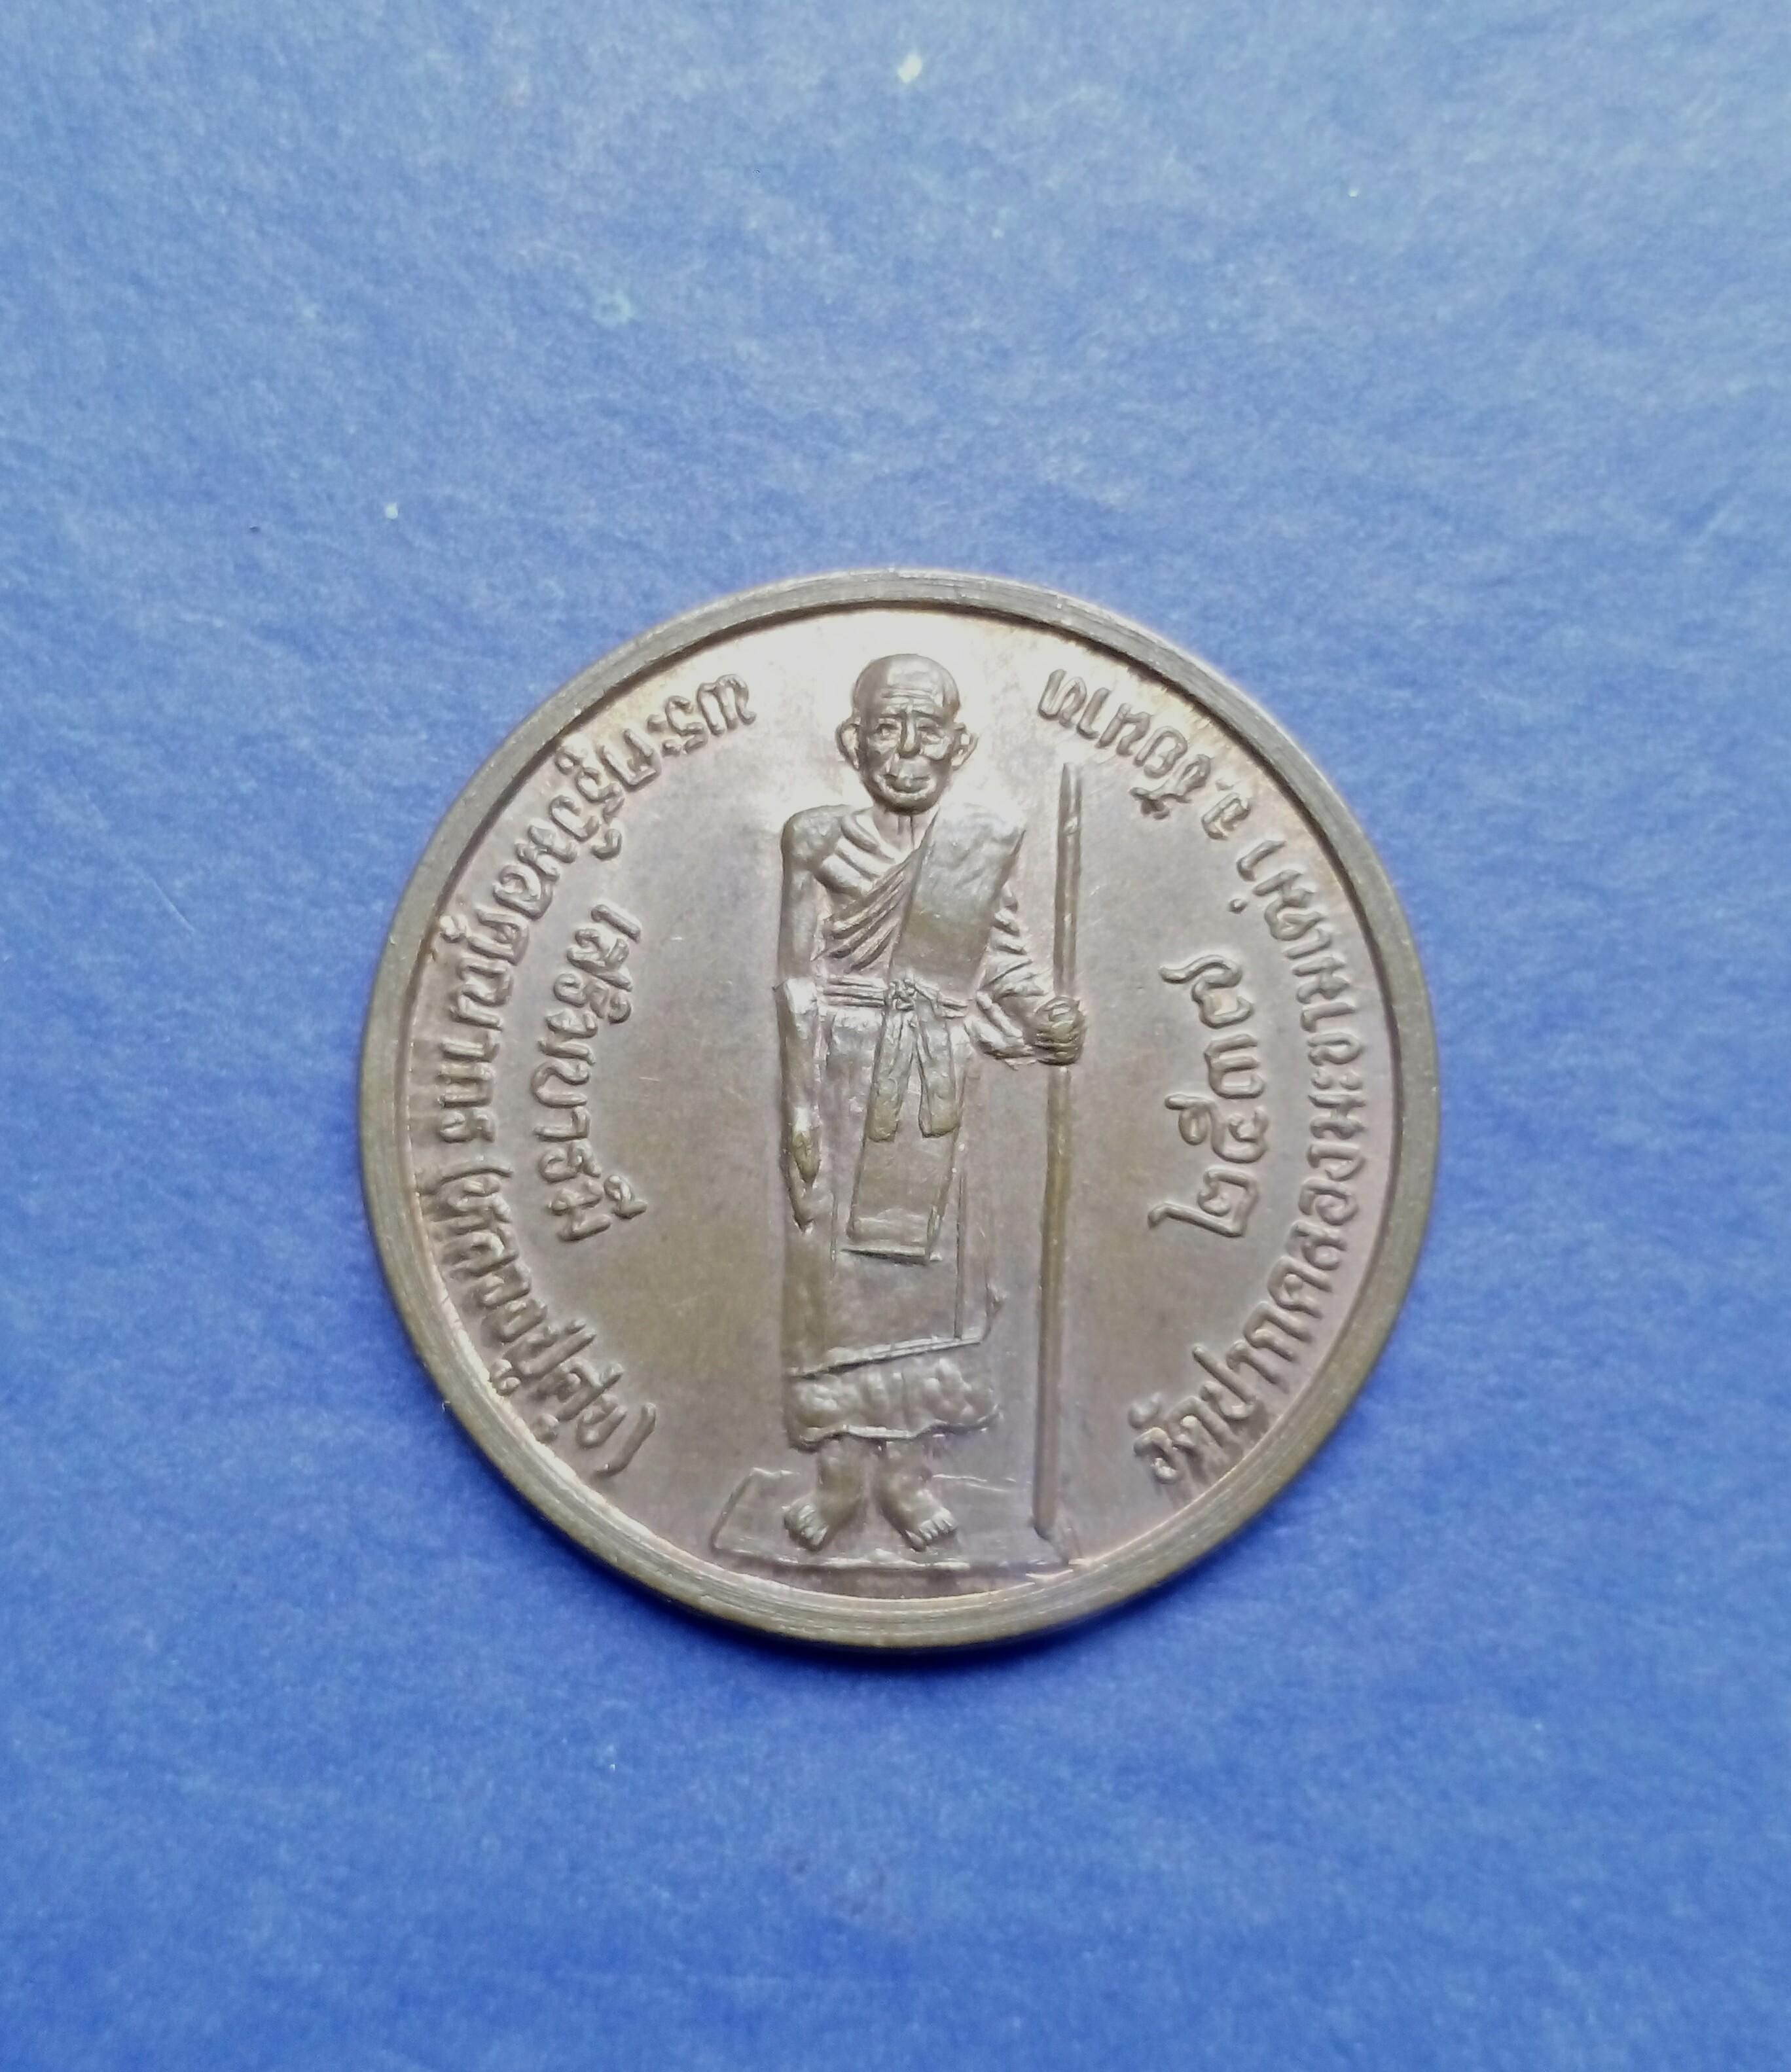 เหรียญเสริมบารมีหลวงปู่ศูข วัดปากคลองมะขามเฒ่า ชัยนาท